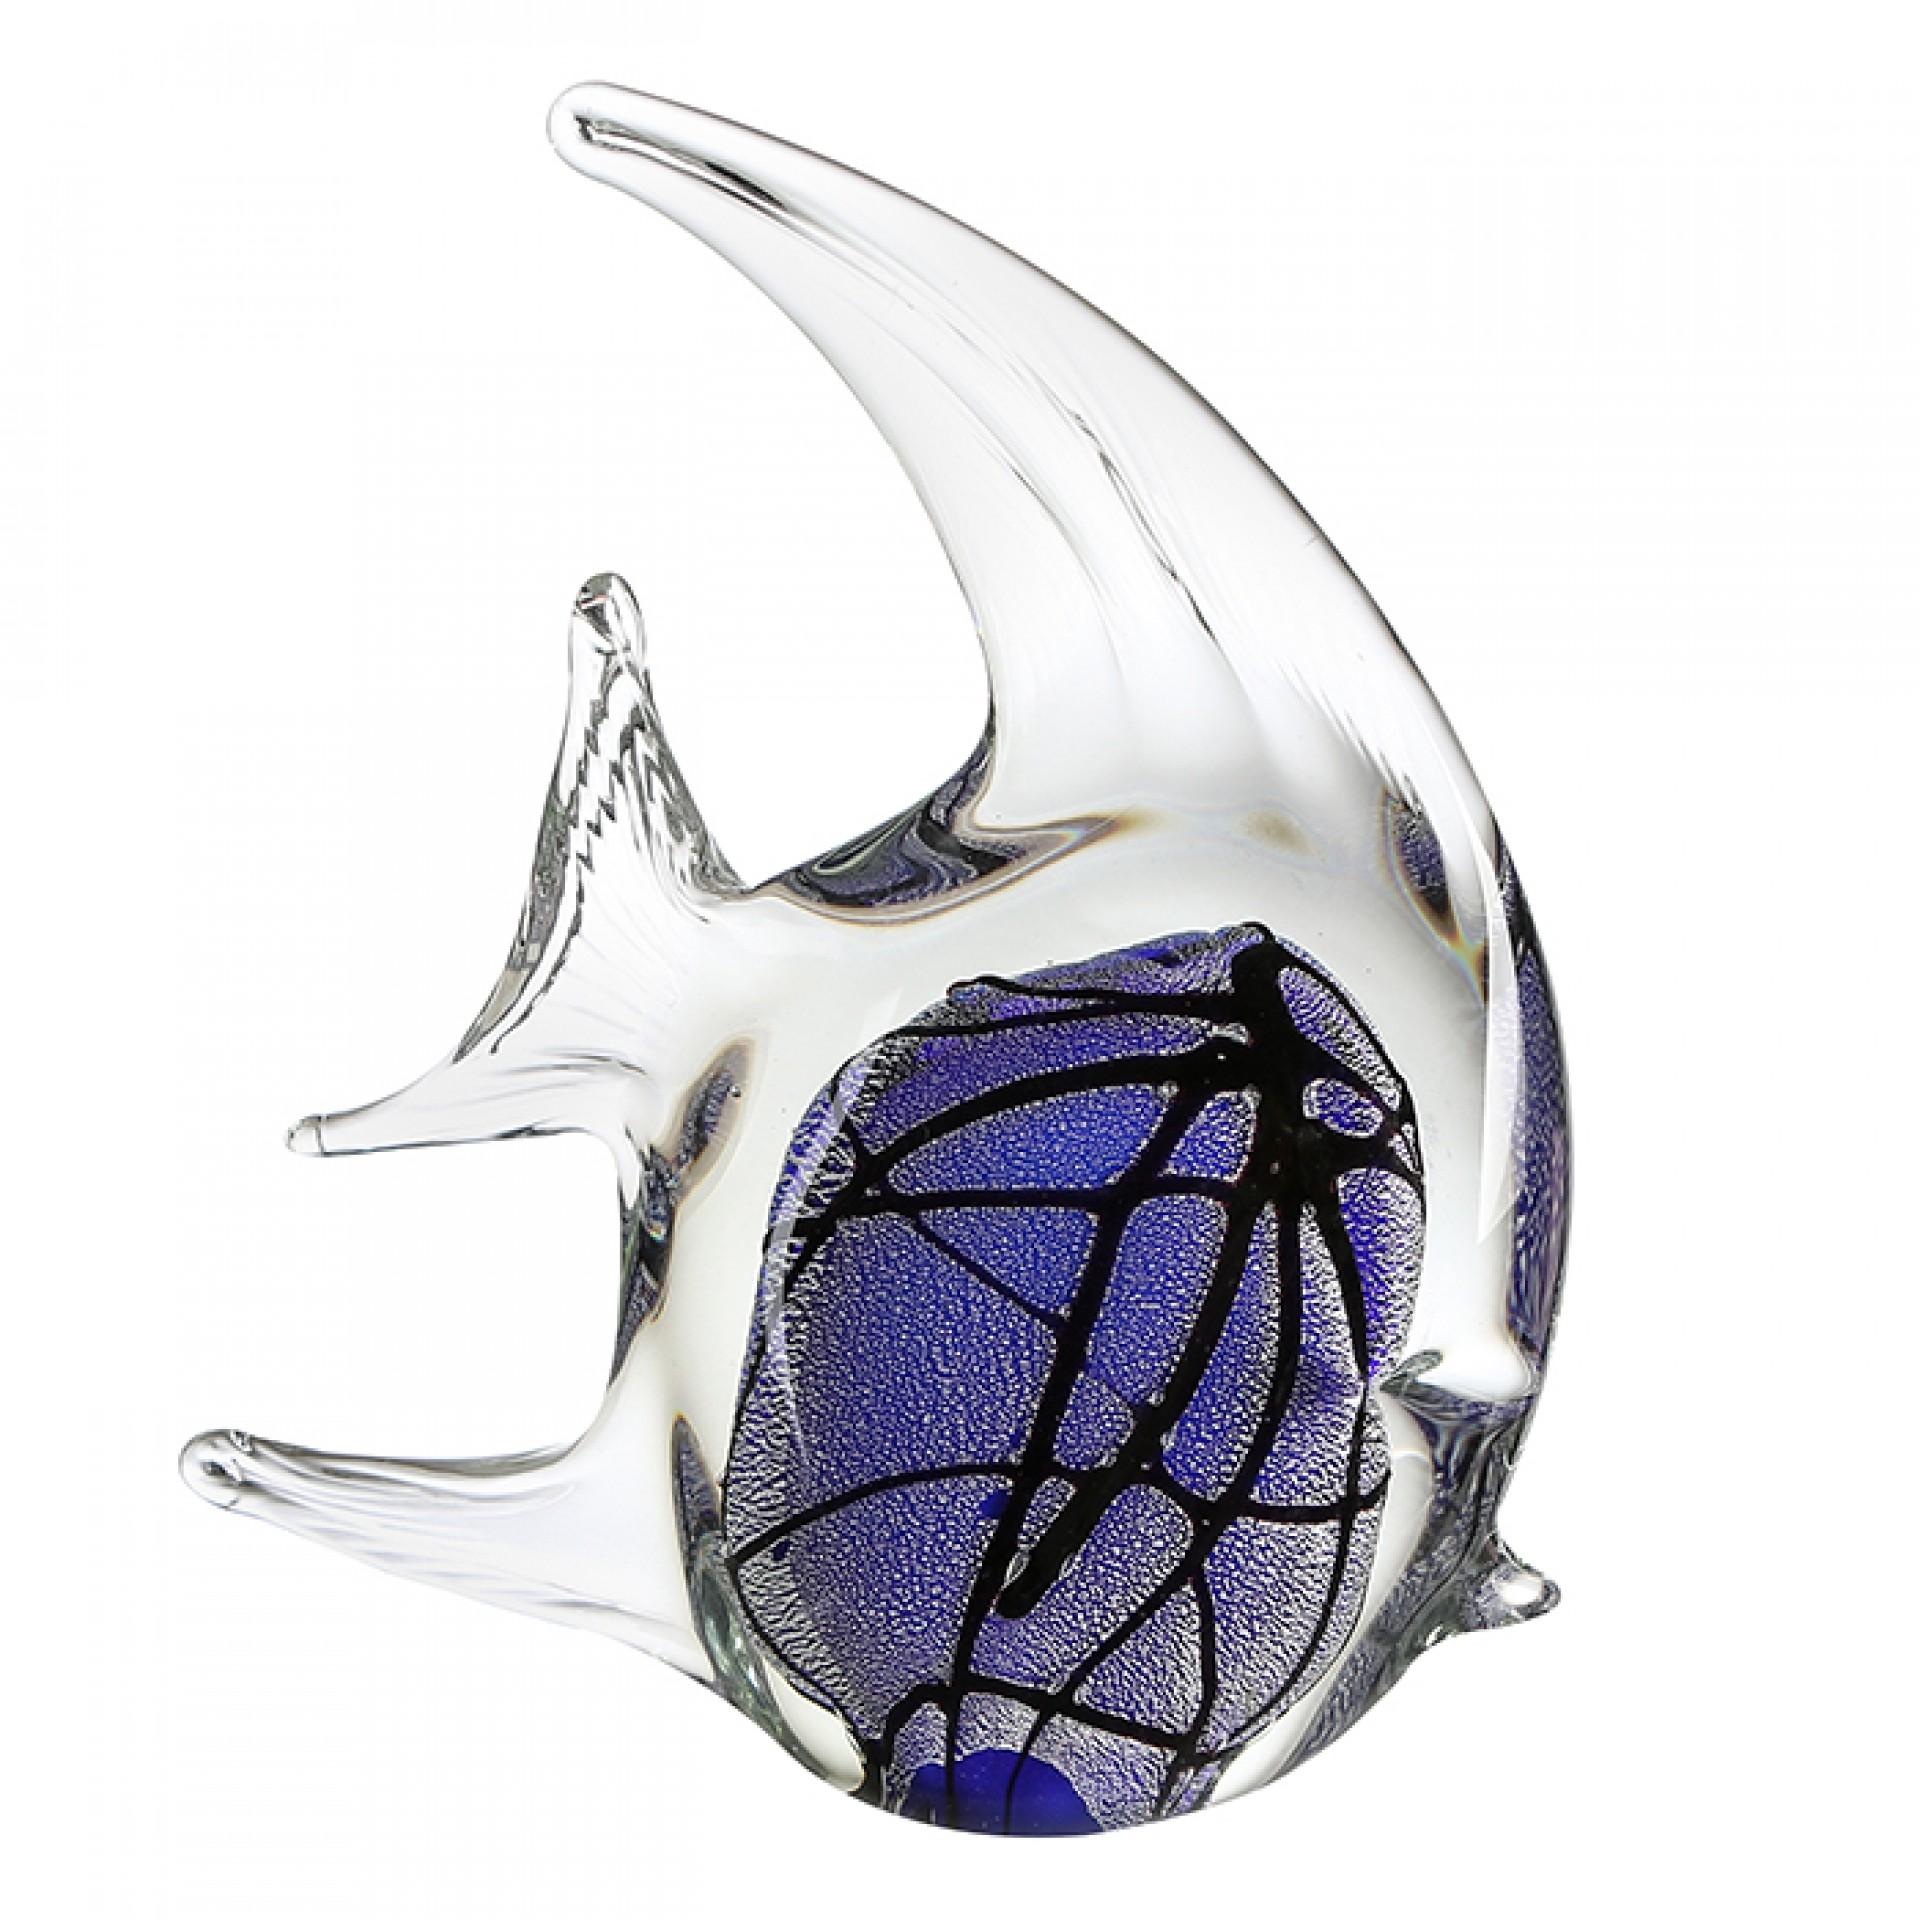 Skleněná dekorace Fish, 21 cm